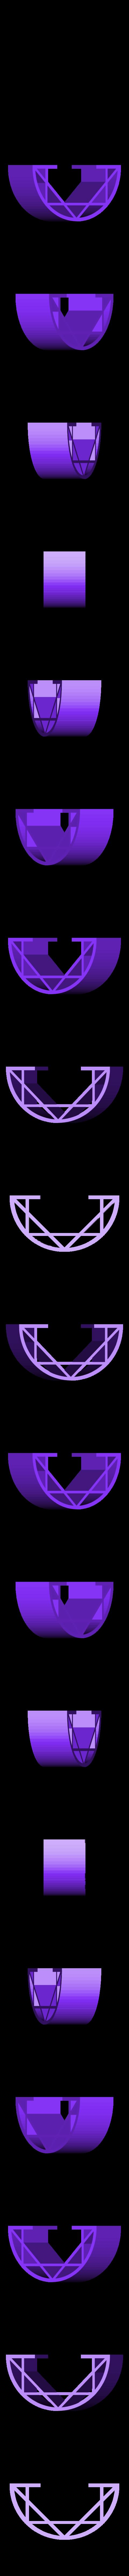 RockerBlotter.stl Télécharger fichier STL gratuit Buvard à bascule imprimable • Plan pour impression 3D, Kellywatchthestars